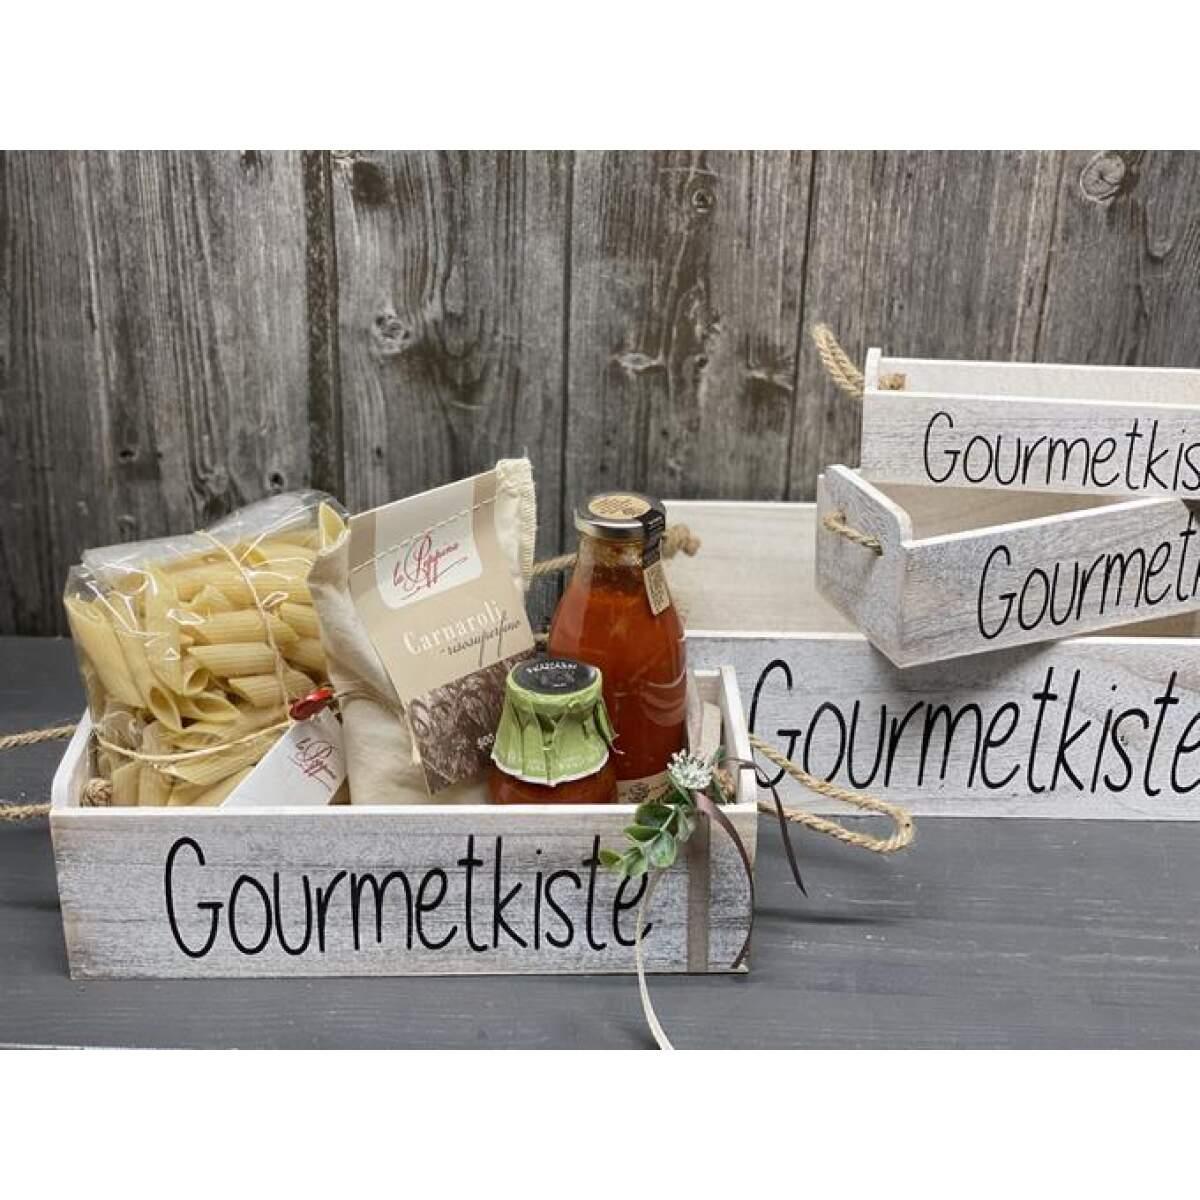 Gourmetkistli-2